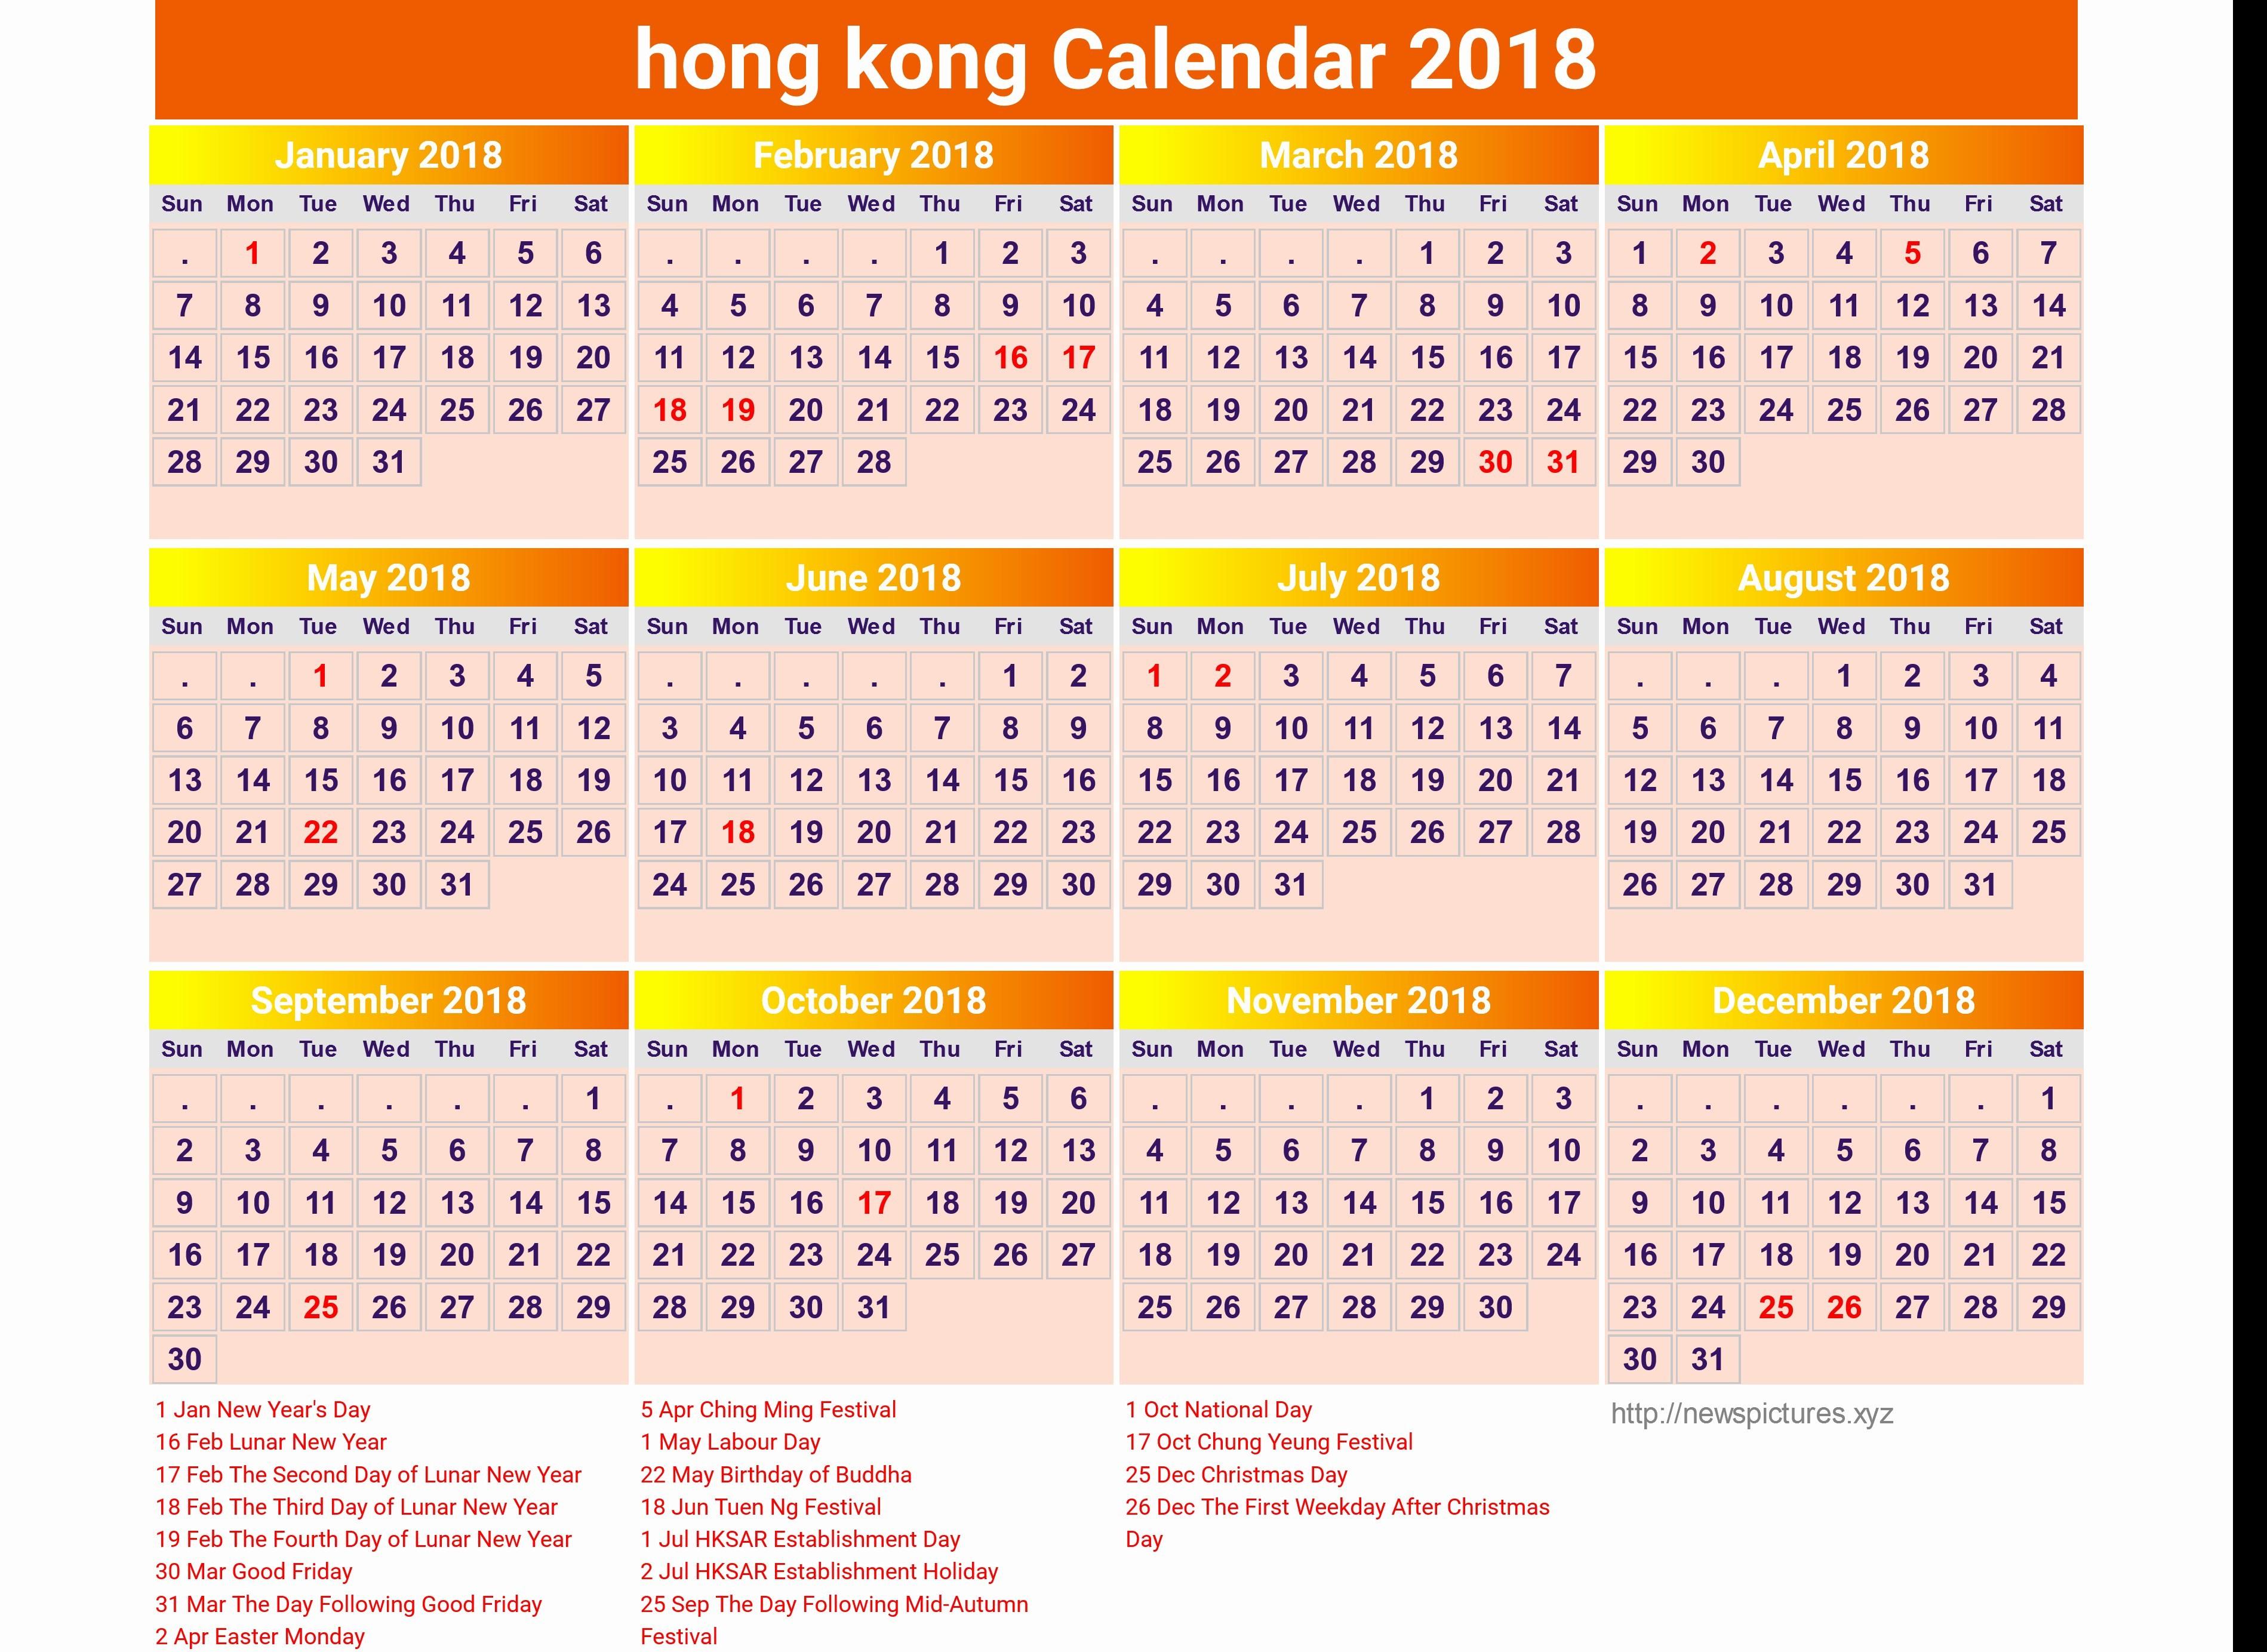 March 2019 Calendar Lala Ramswaroop Más Populares 2019 Calendar Template Hong Kong Of March 2019 Calendar Lala Ramswaroop Más Recientemente Liberado Media to Get Lala Ramswaroop Calendar 2019 Pdf Download Calendar